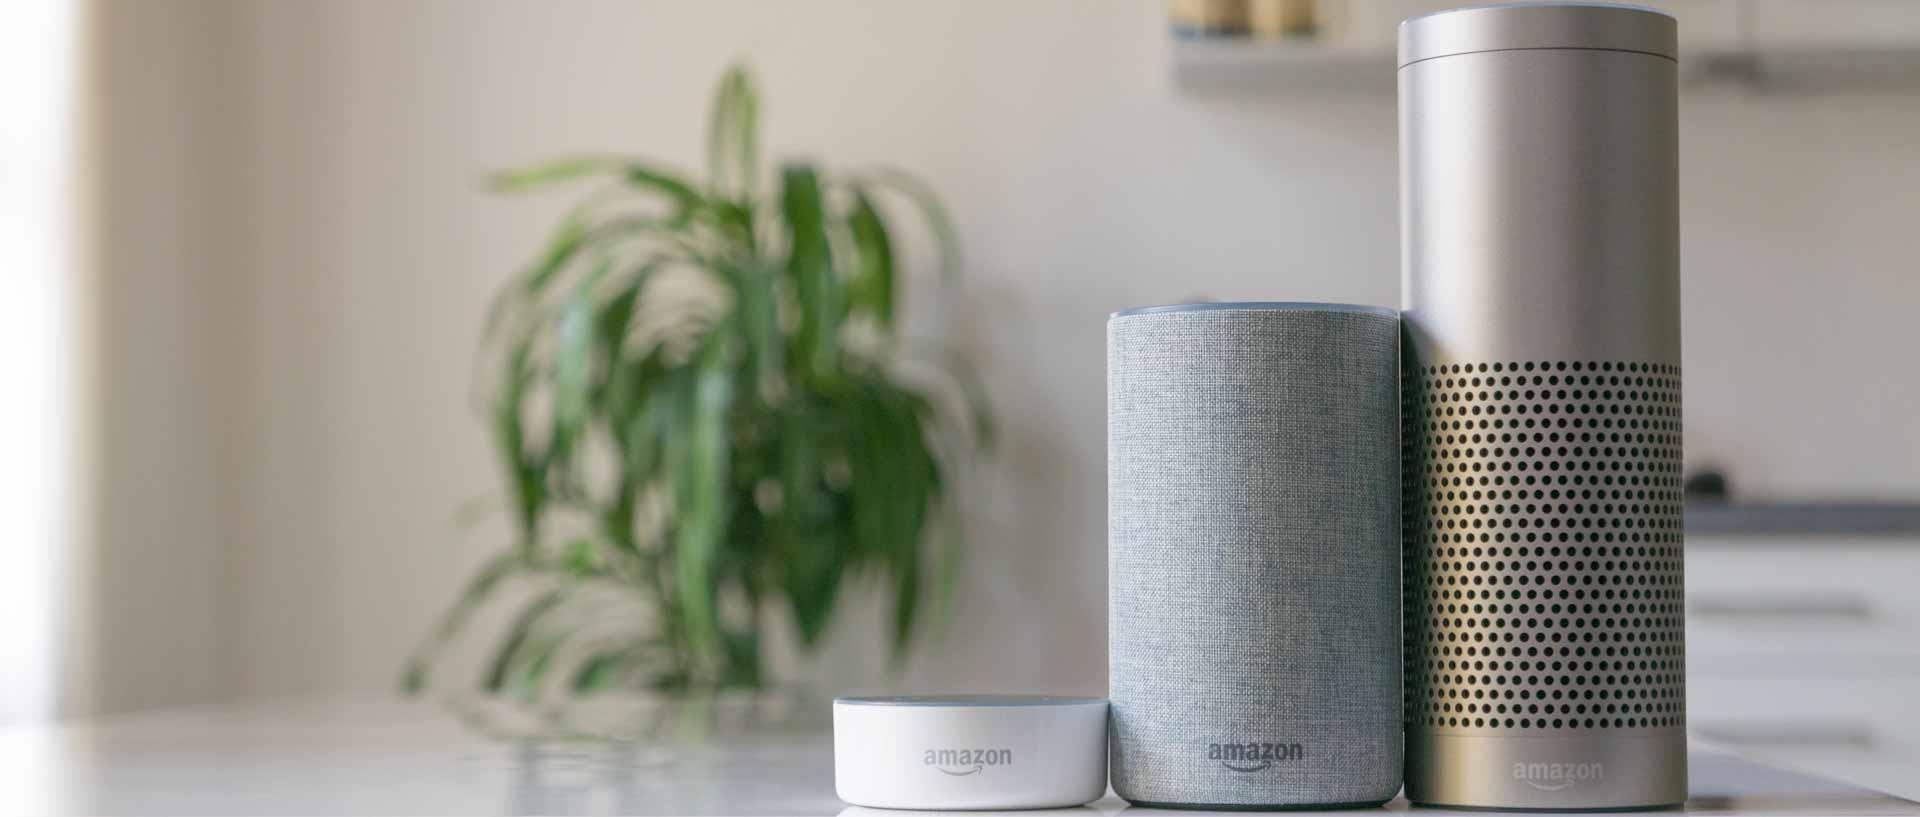 Amazon Echo - Zurücksetzen, Reset, Werkseinstellungen, Löschen